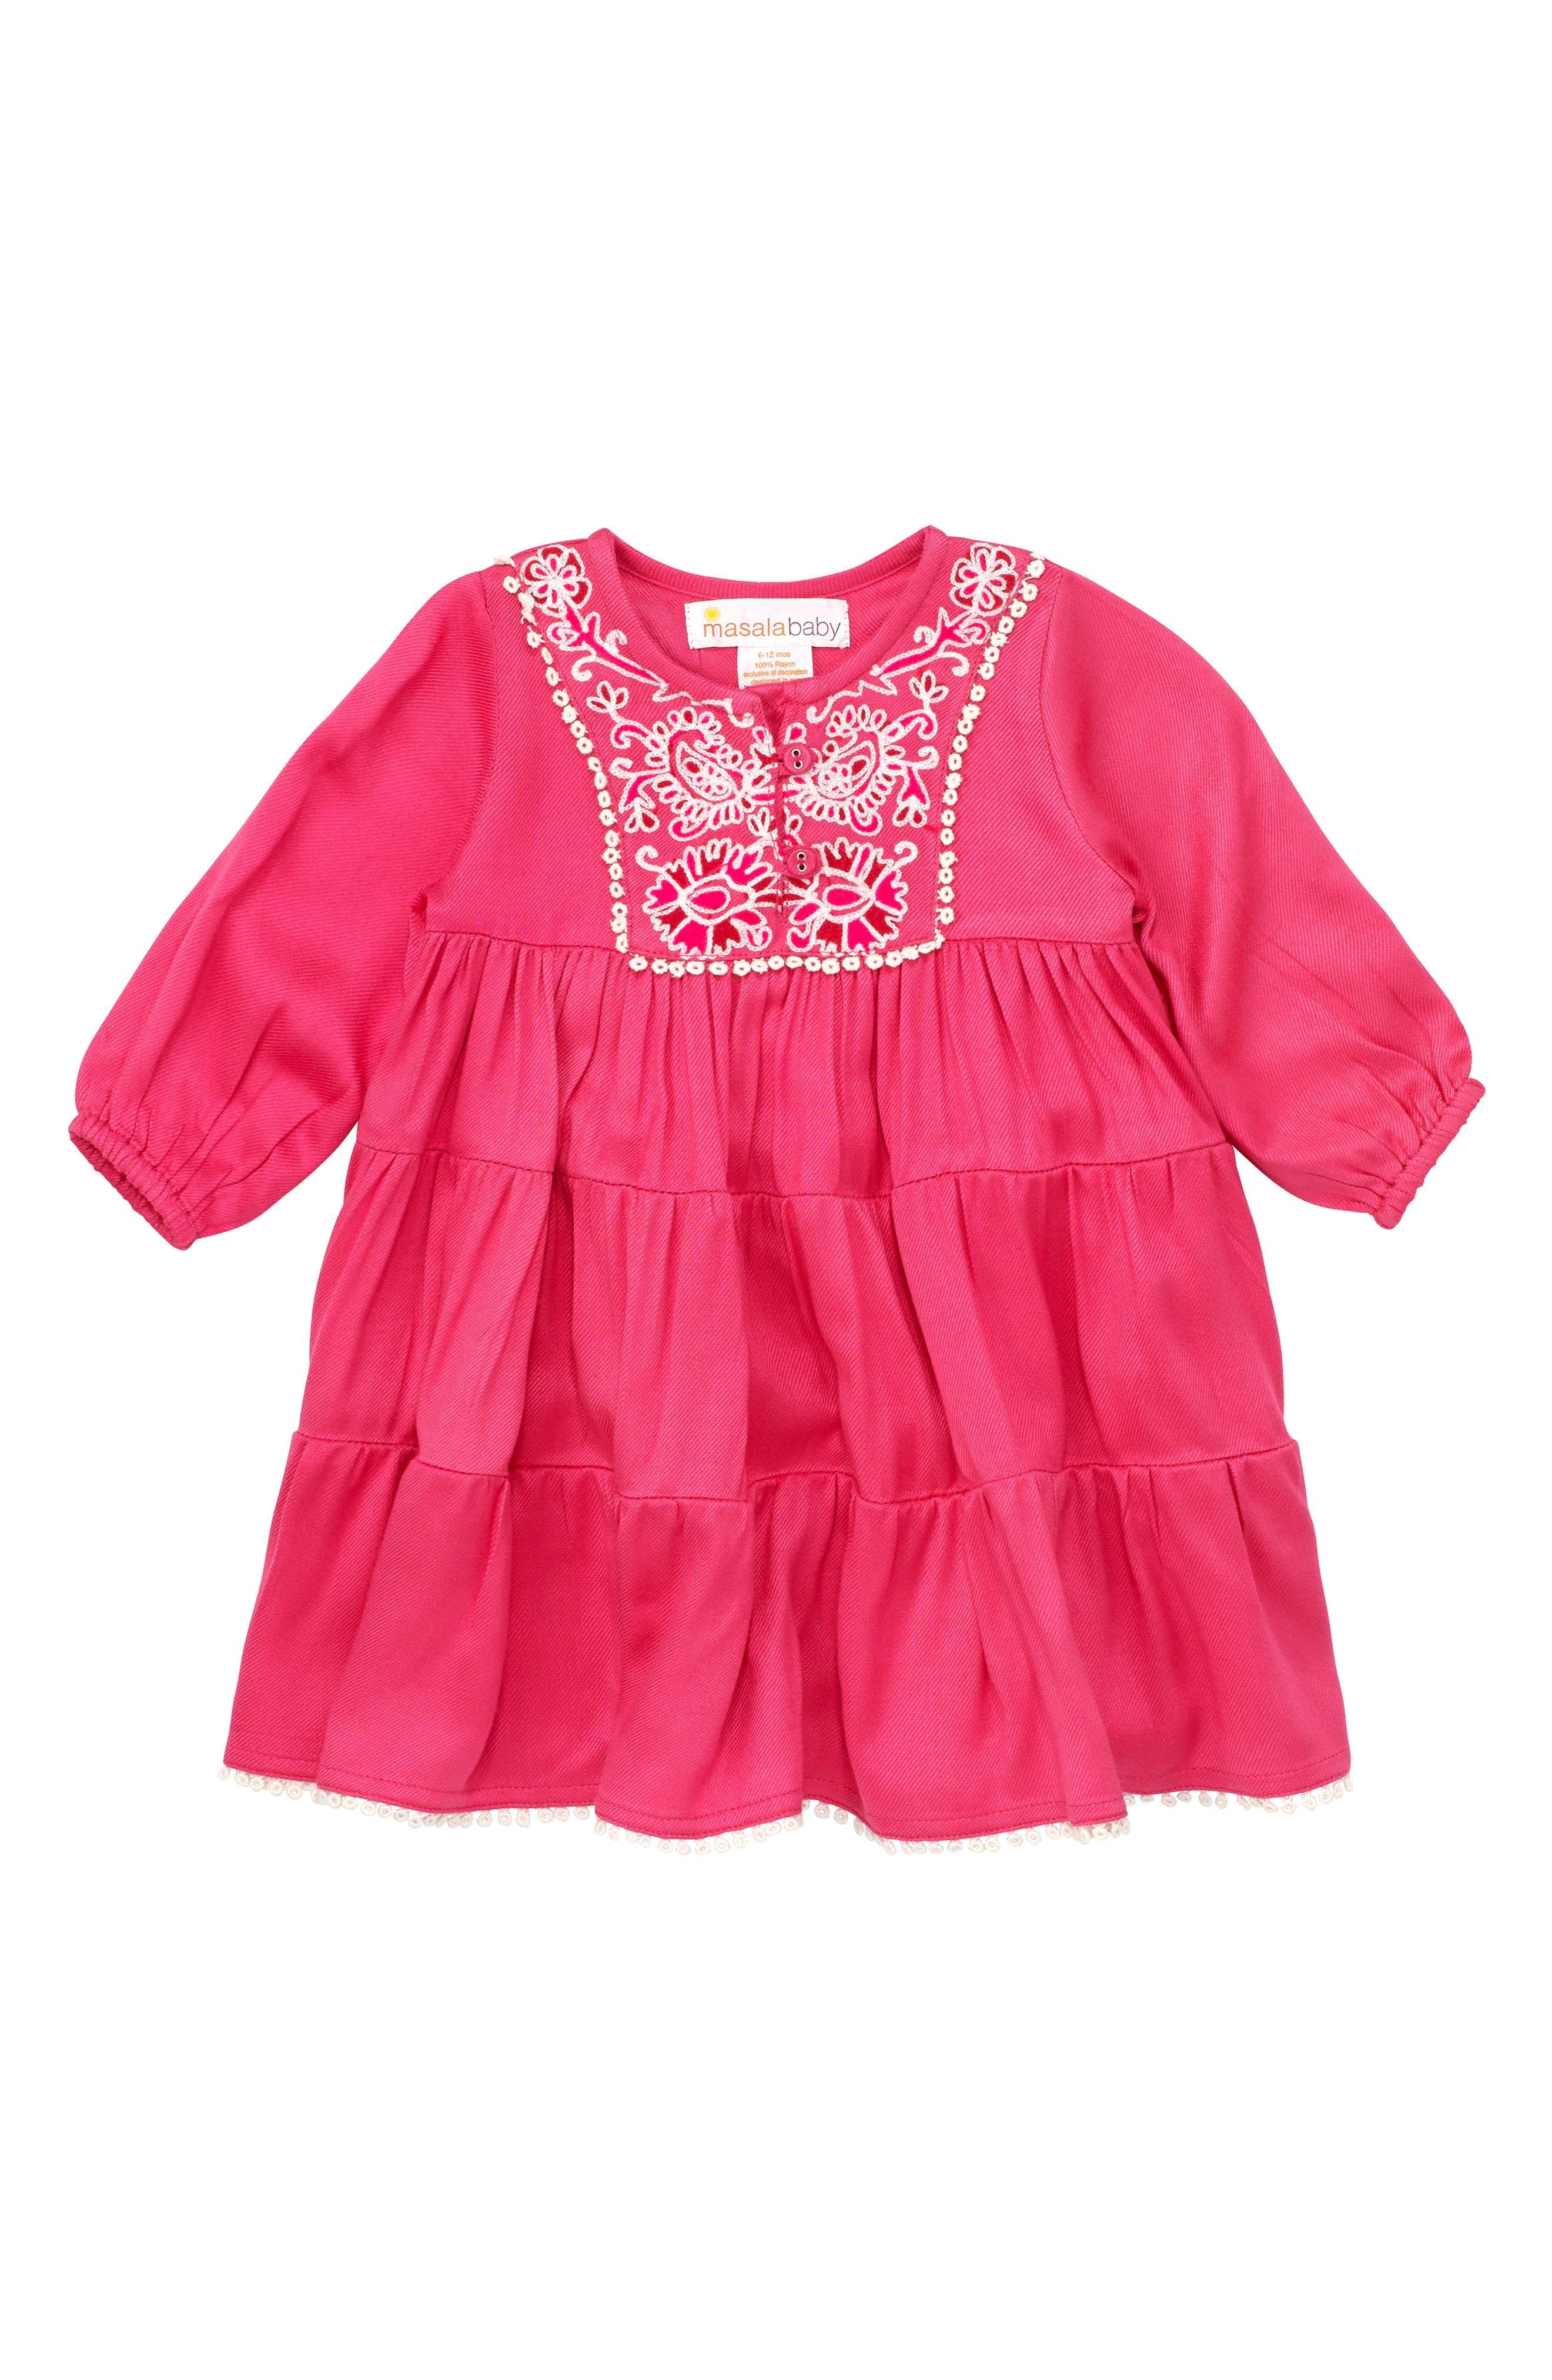 Main Image - Masalababy Gypsy Rose Dress (Baby Girls)